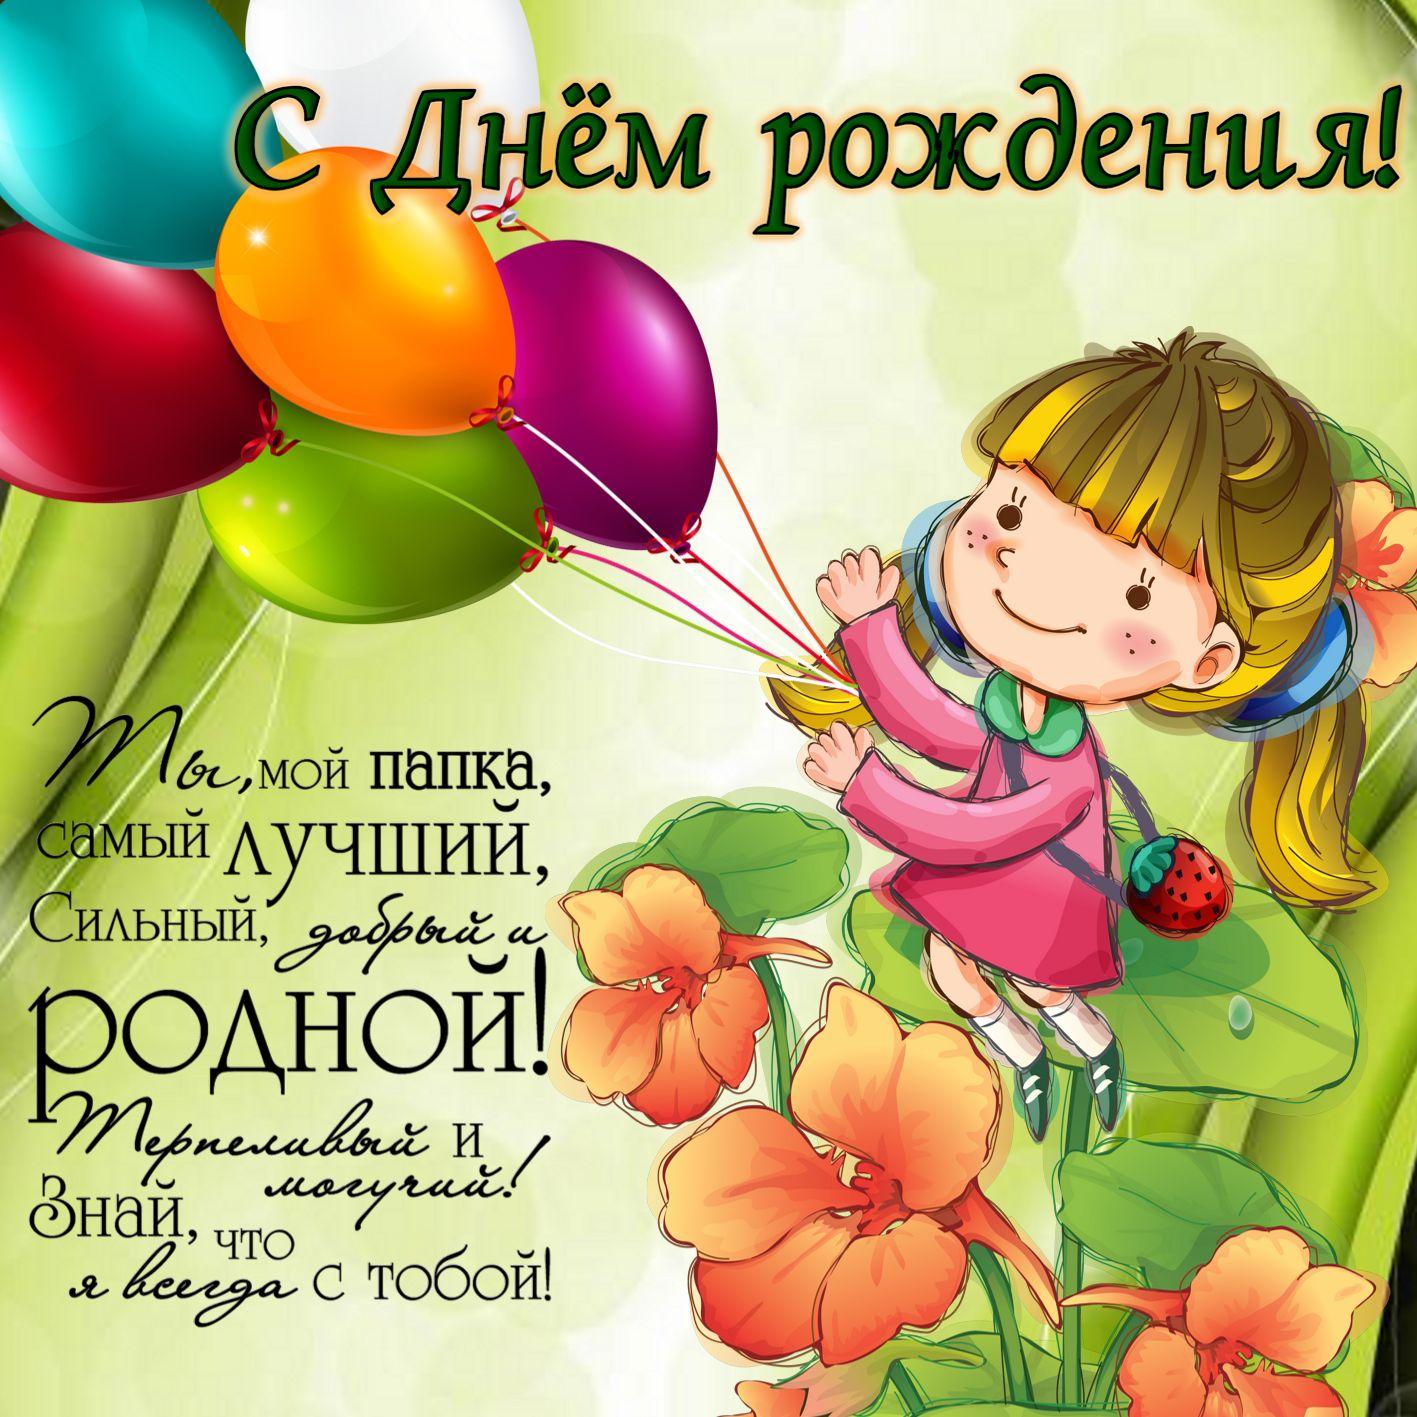 Картинка с девочкой летящей на воздушных шариках папе на День рождения